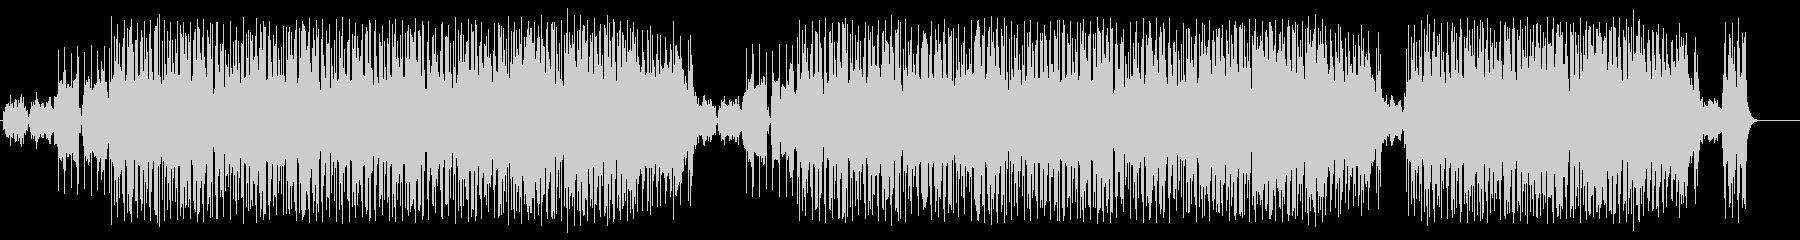 淡々としたポップ(フルサイズ)の未再生の波形